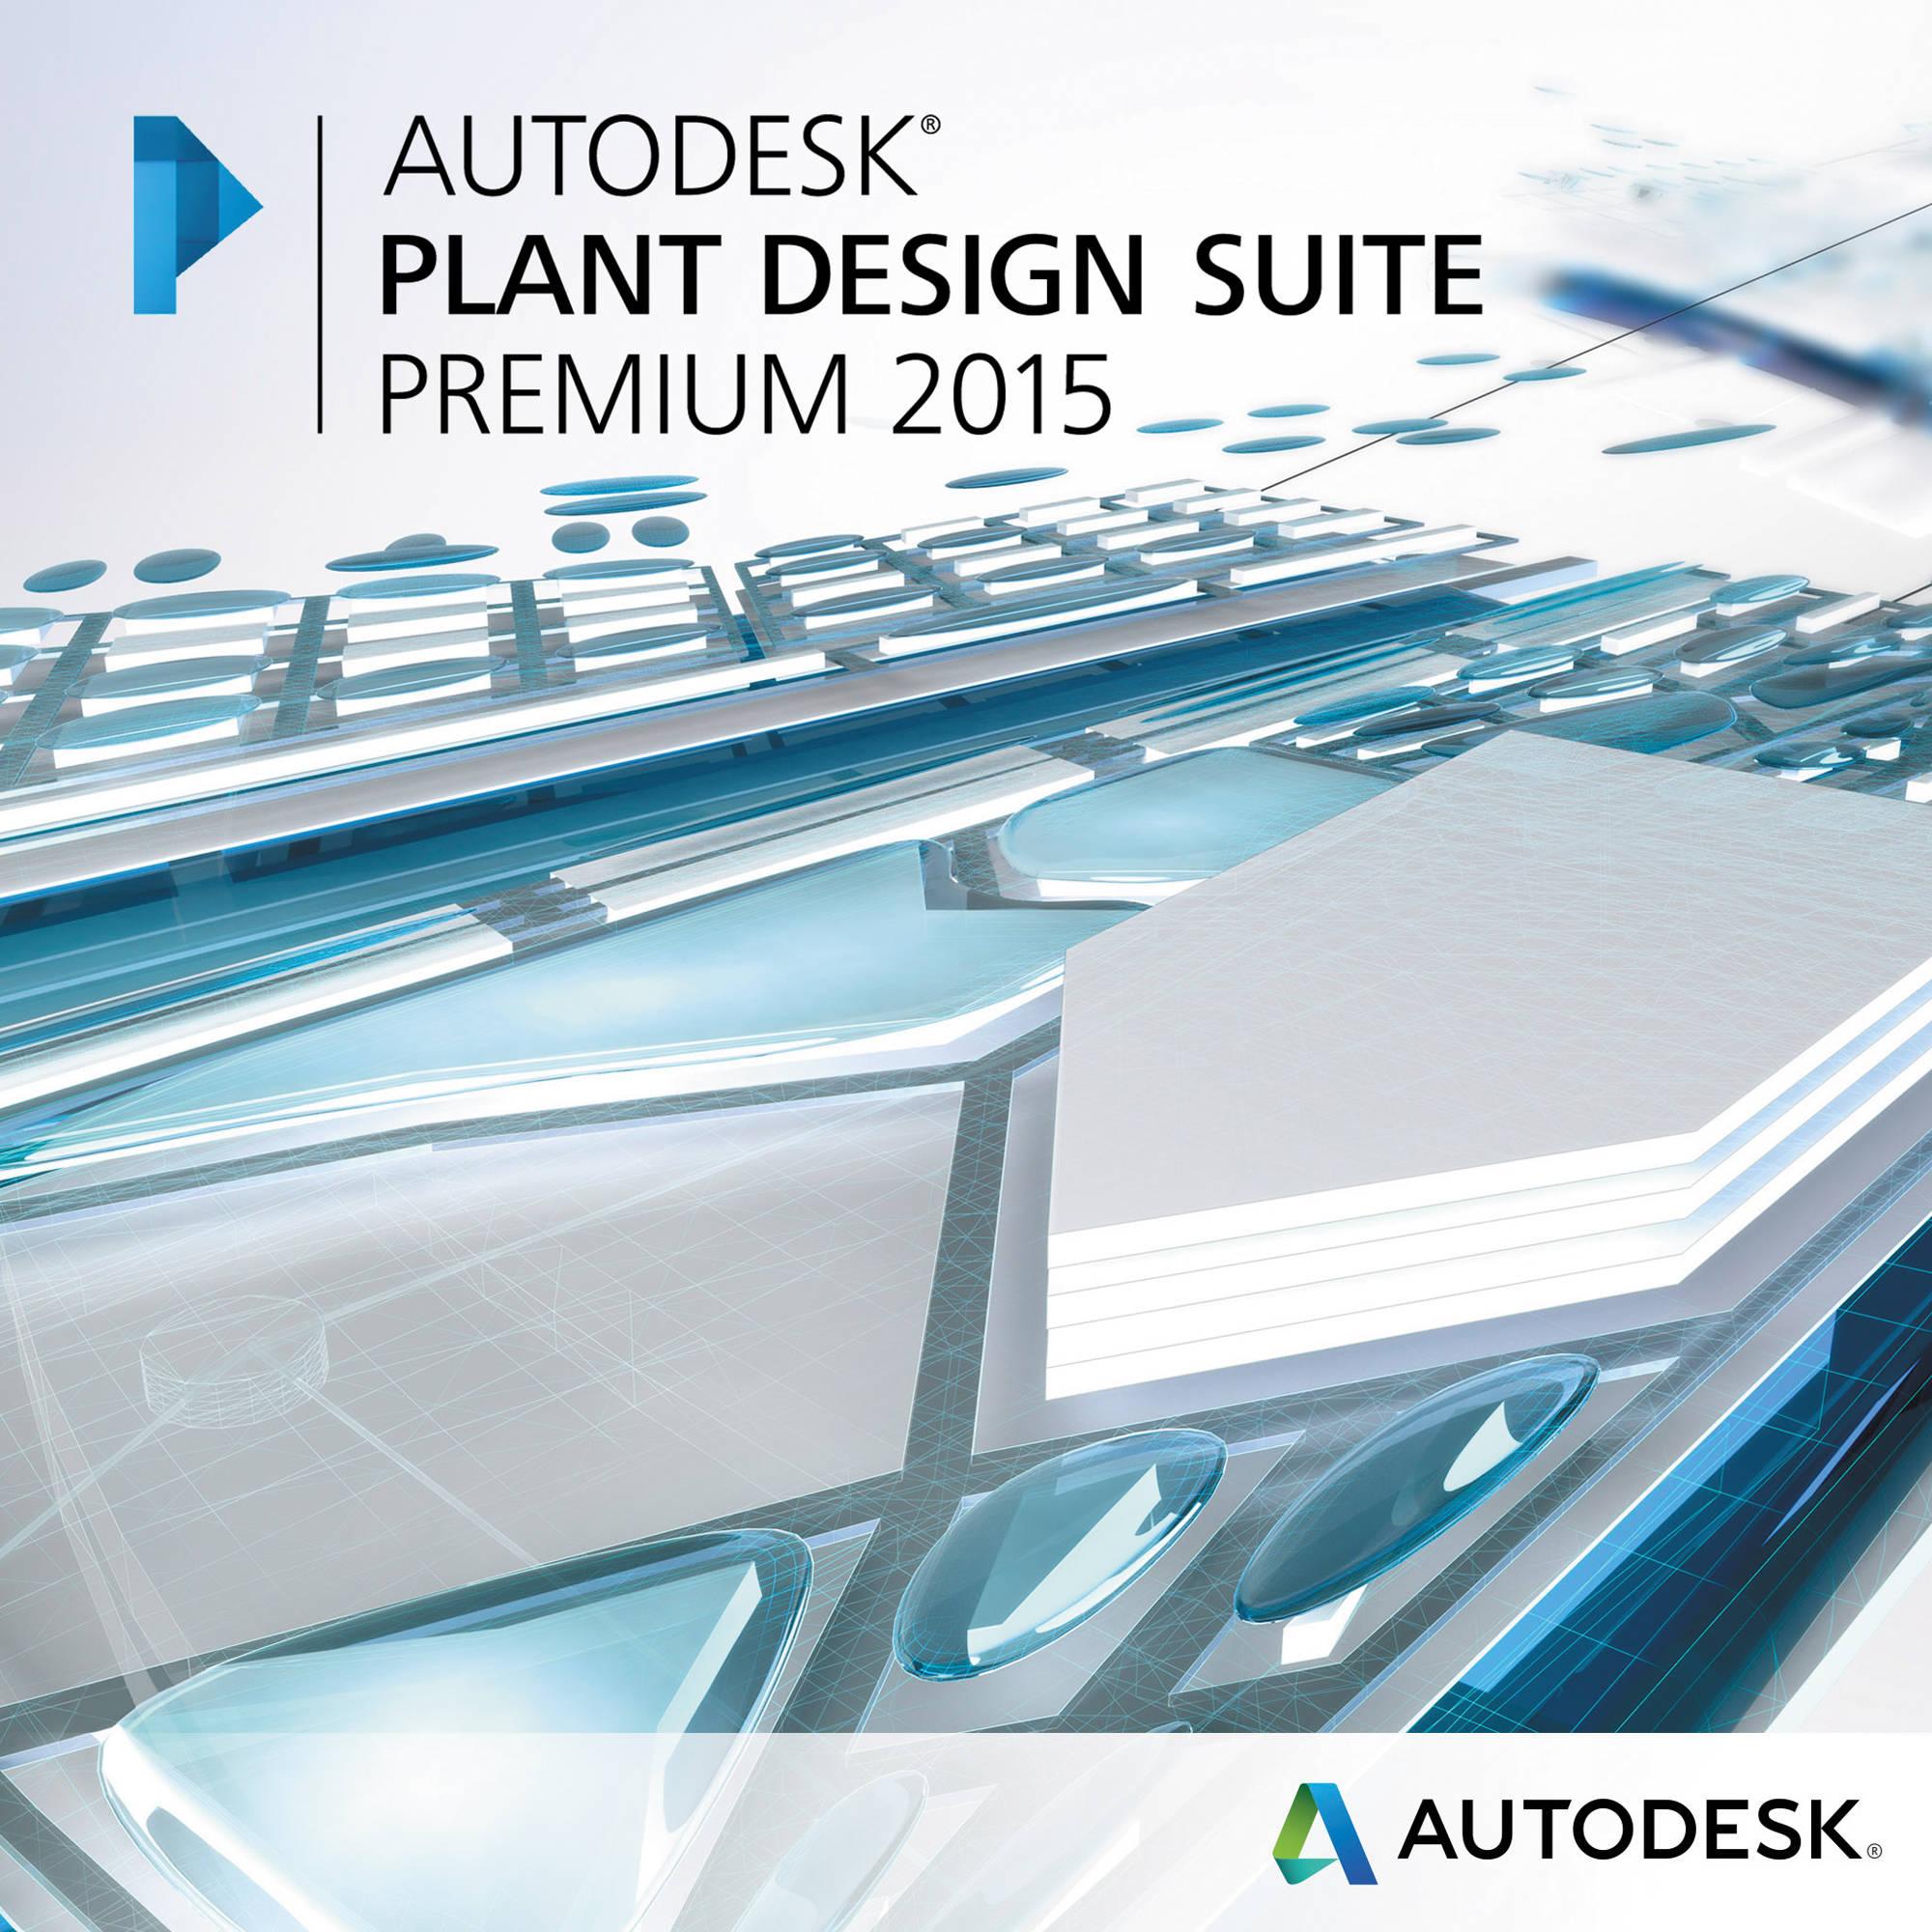 Autodesk Plant Design Suite Premium 2015 763G1-WWR111-1001 B&H